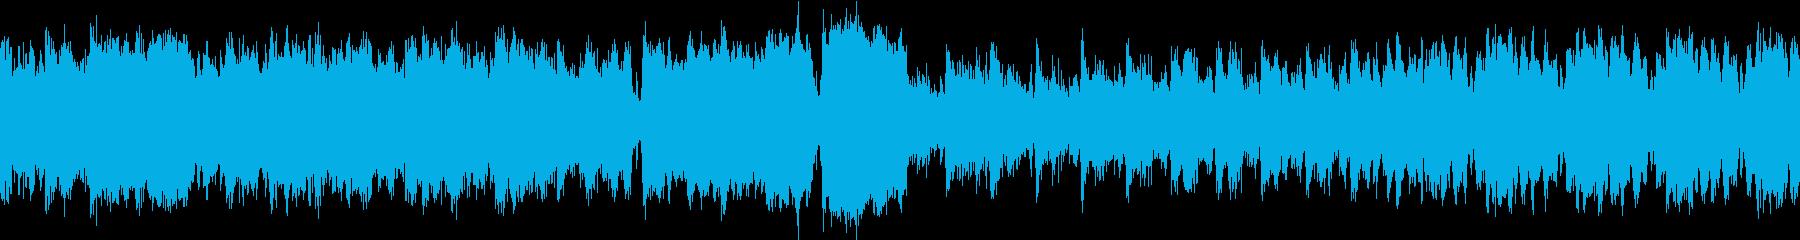 行進曲 勇ましい 高音質ver ループ1の再生済みの波形